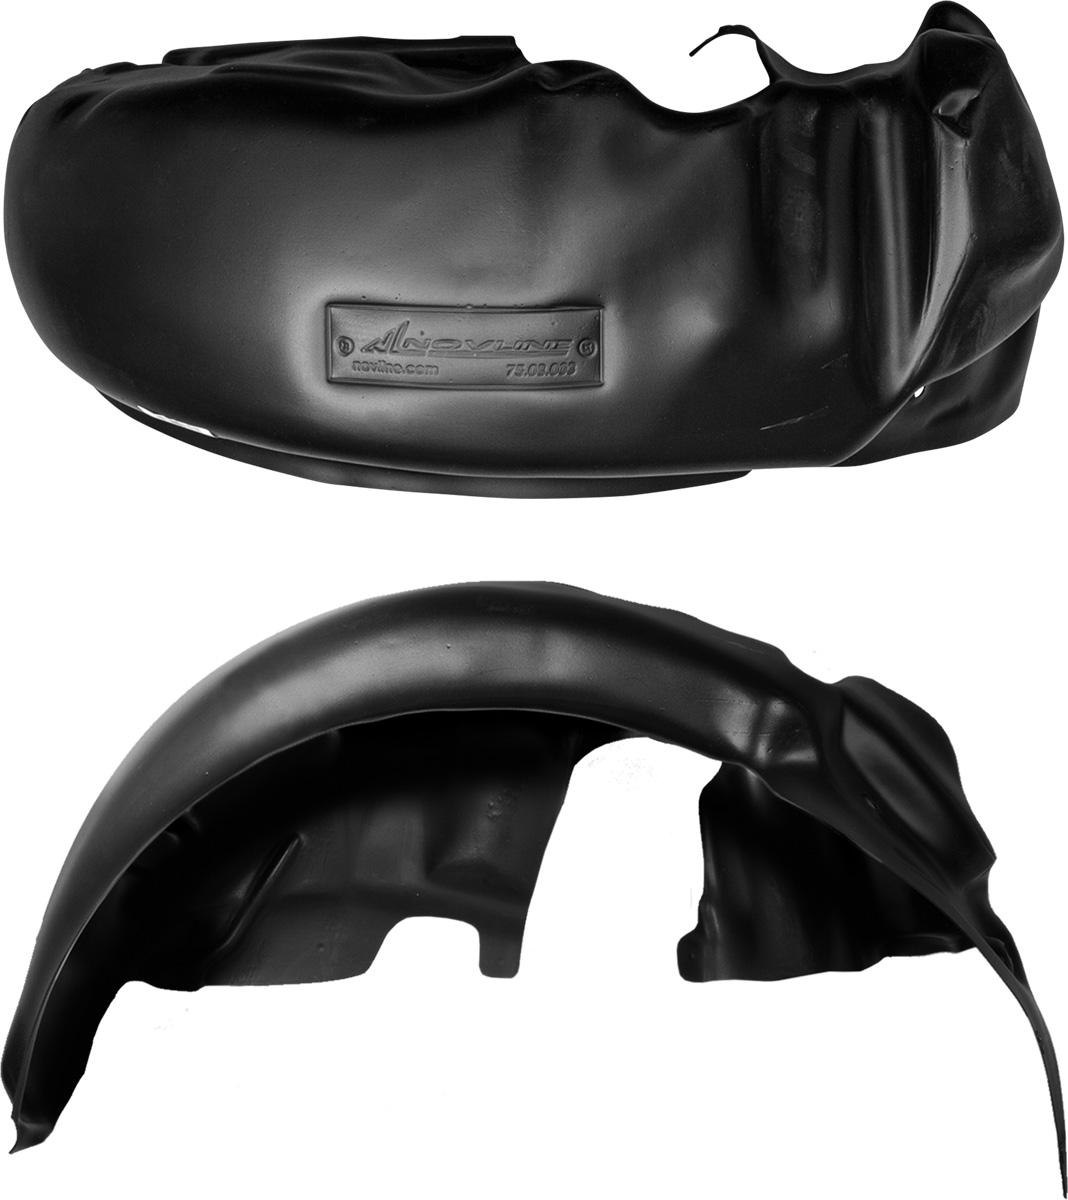 Подкрылок Novline-Autofamily, для Nissan Qashqai, 2007-2013, задний левыйNLL.36.07.003Колесные ниши - одни из самых уязвимых зон днища вашего автомобиля. Они постоянно подвергаются воздействию со стороны дороги. Лучшая, почти абсолютная защита для них - специально отформованные пластиковые кожухи, которые называются подкрылками. Производятся они как для отечественных моделей автомобилей, так и для иномарок. Подкрылки Novline-Autofamily выполнены из высококачественного, экологически чистого пластика. Обеспечивают надежную защиту кузова автомобиля от пескоструйного эффекта и негативного влияния, агрессивных антигололедных реагентов. Пластик обладает более низкой теплопроводностью, чем металл, поэтому в зимний период эксплуатации использование пластиковых подкрылков позволяет лучше защитить колесные ниши от налипания снега и образования наледи. Оригинальность конструкции подчеркивает элегантность автомобиля, бережно защищает нанесенное на днище кузова антикоррозийное покрытие и позволяет осуществить крепление подкрылков внутри колесной арки практически без...